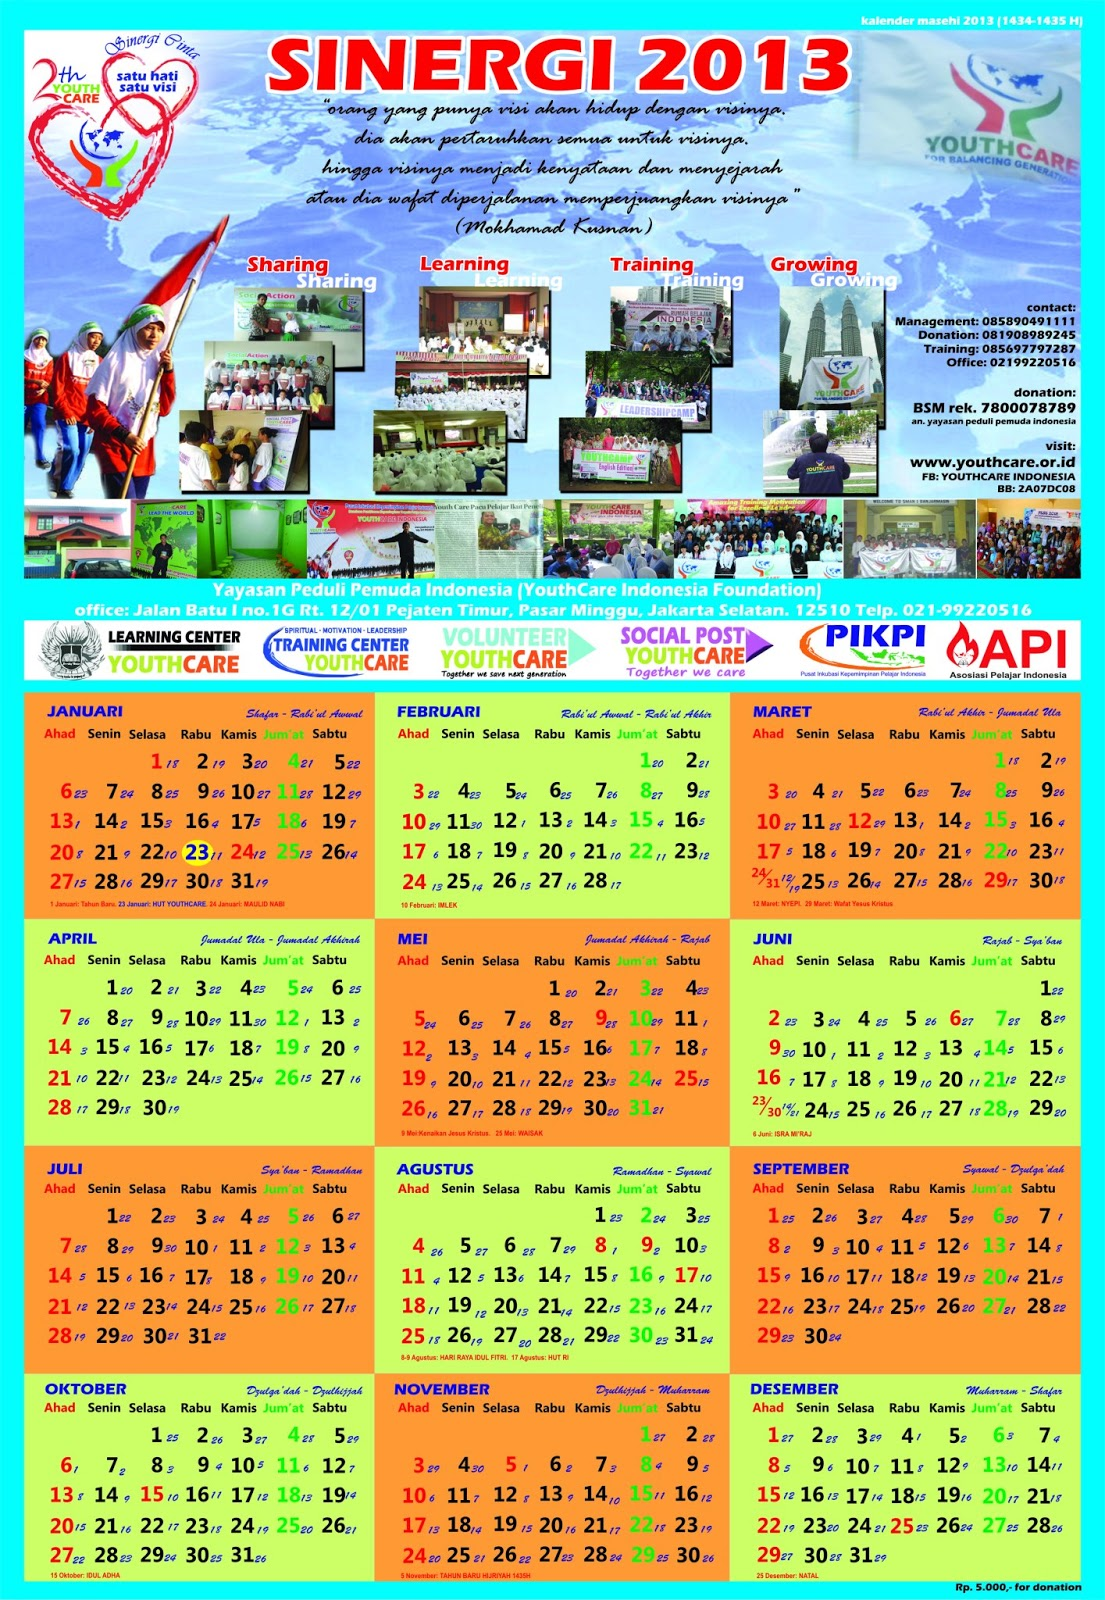 youthcare mencetak ribuan kalender sinergi 2013 sebuah kalender masehi